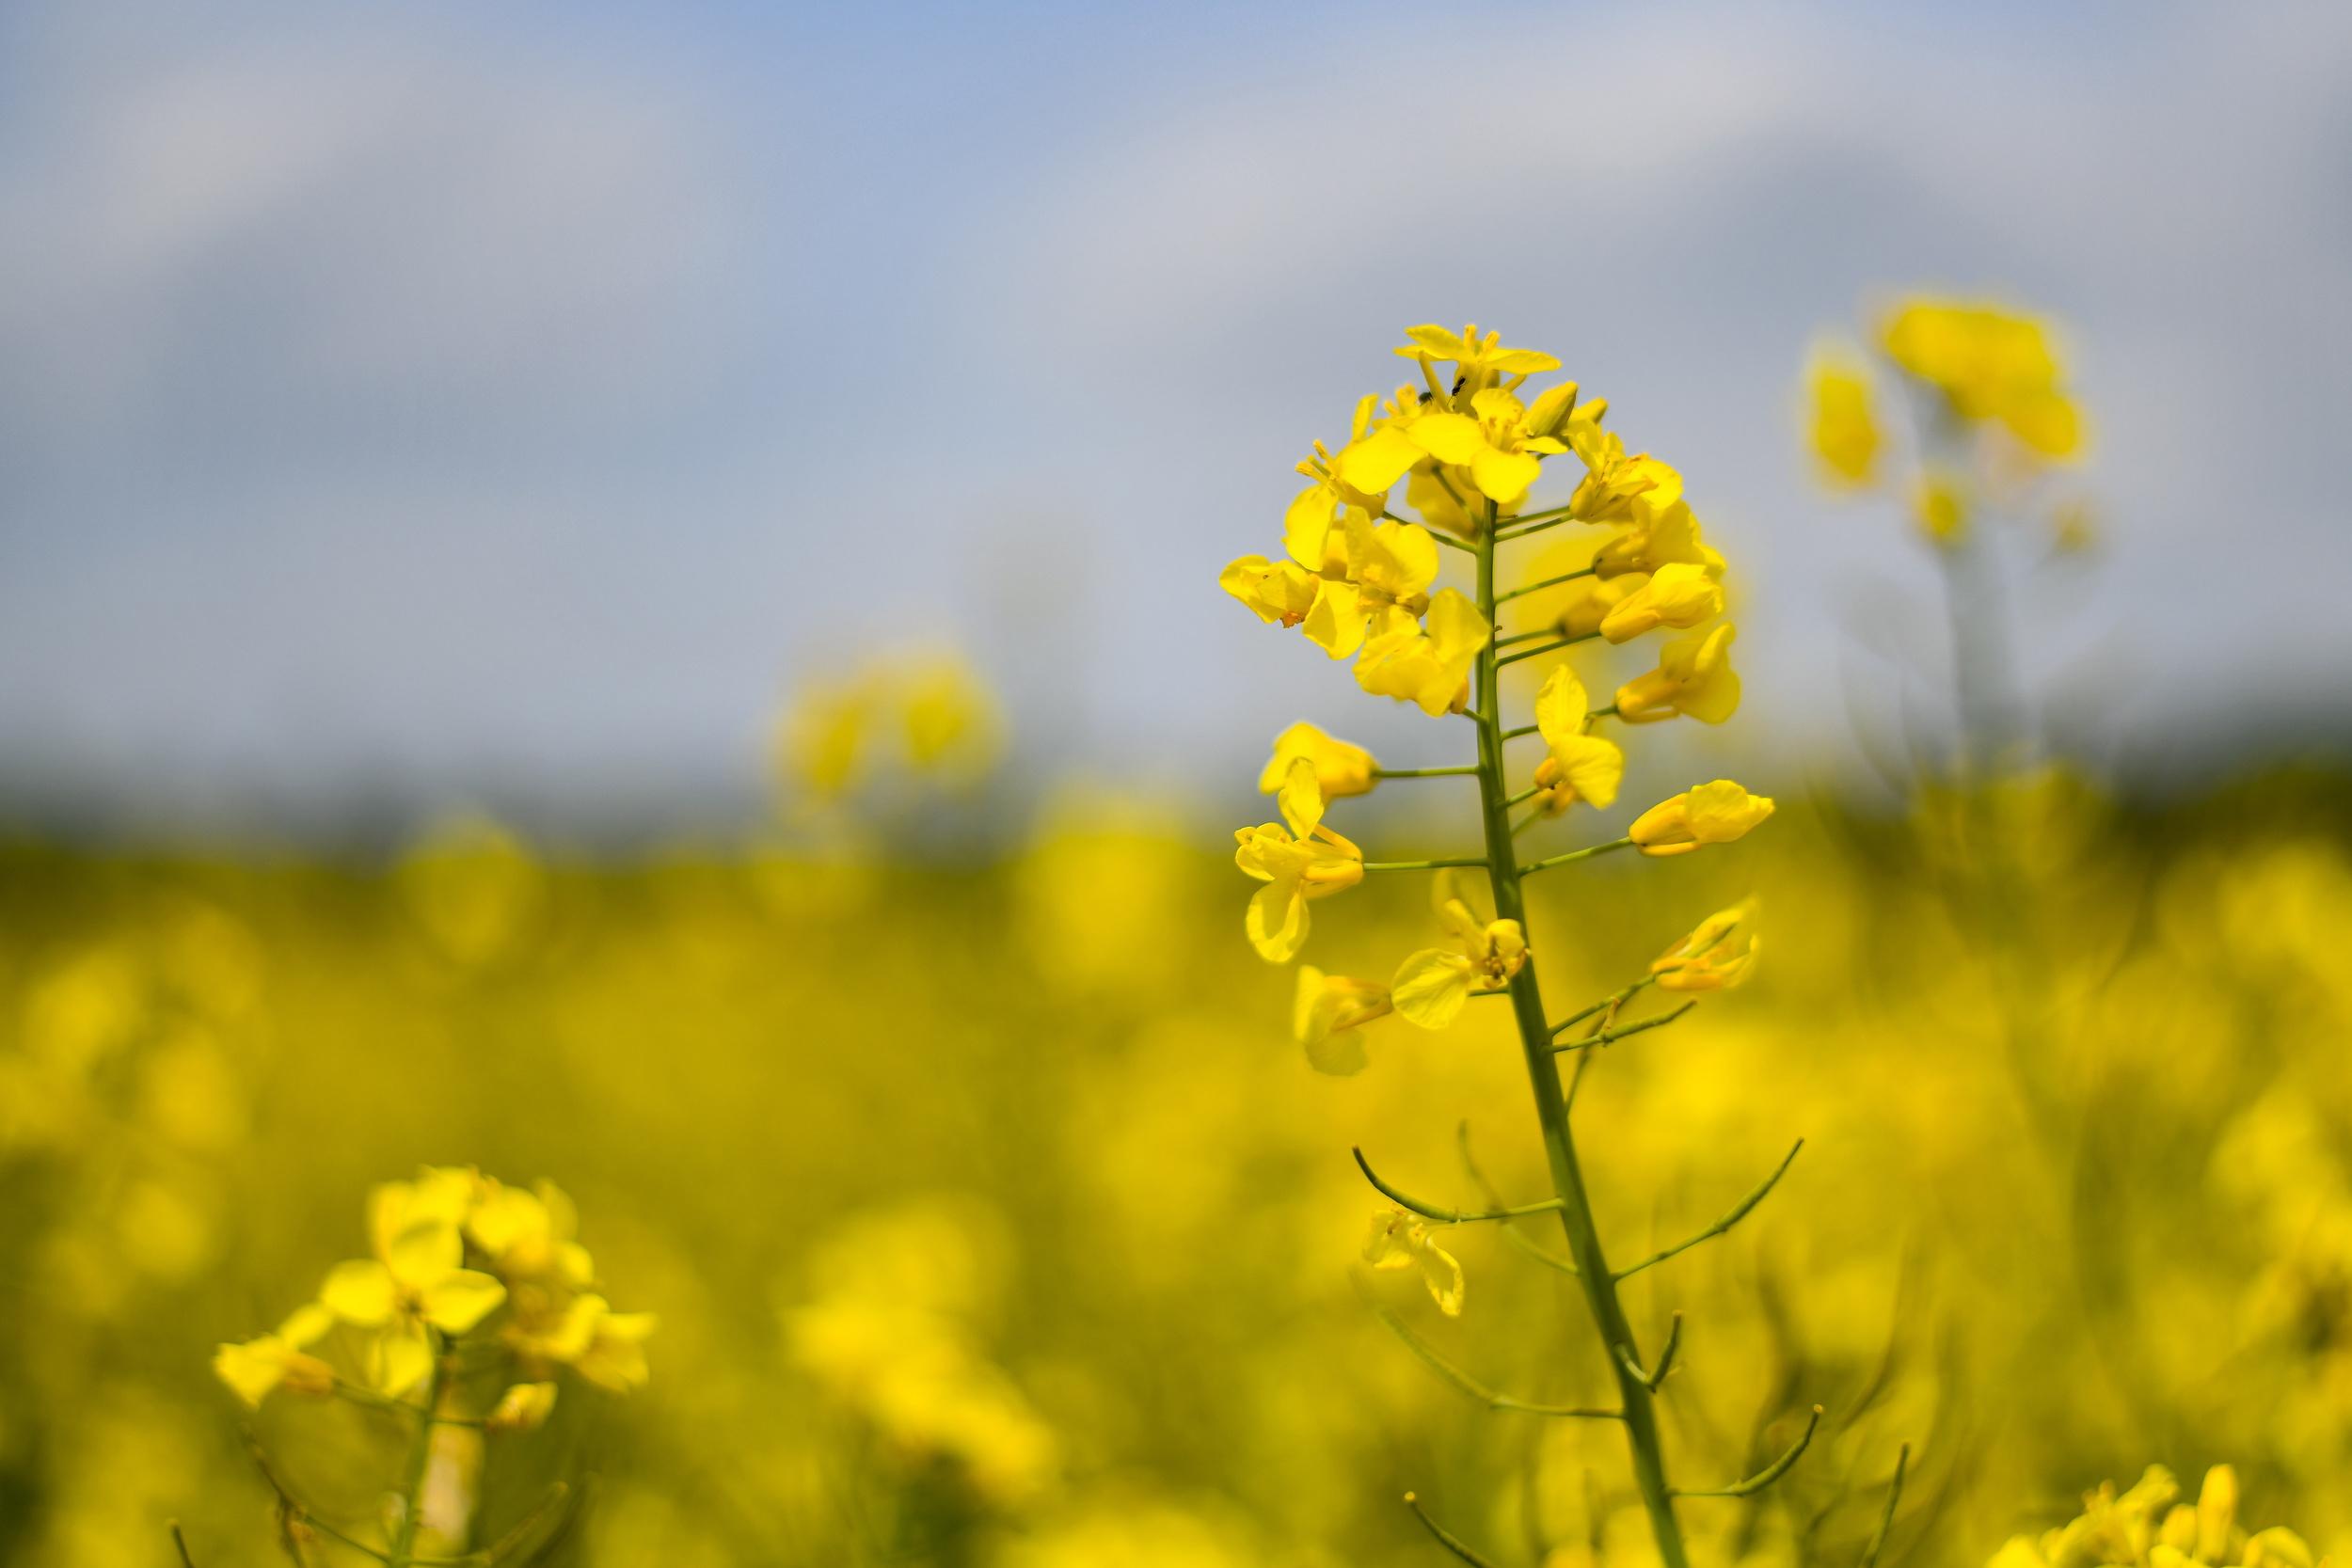 这是5月7日在德国慕尼黑附近拍摄的油菜花田.